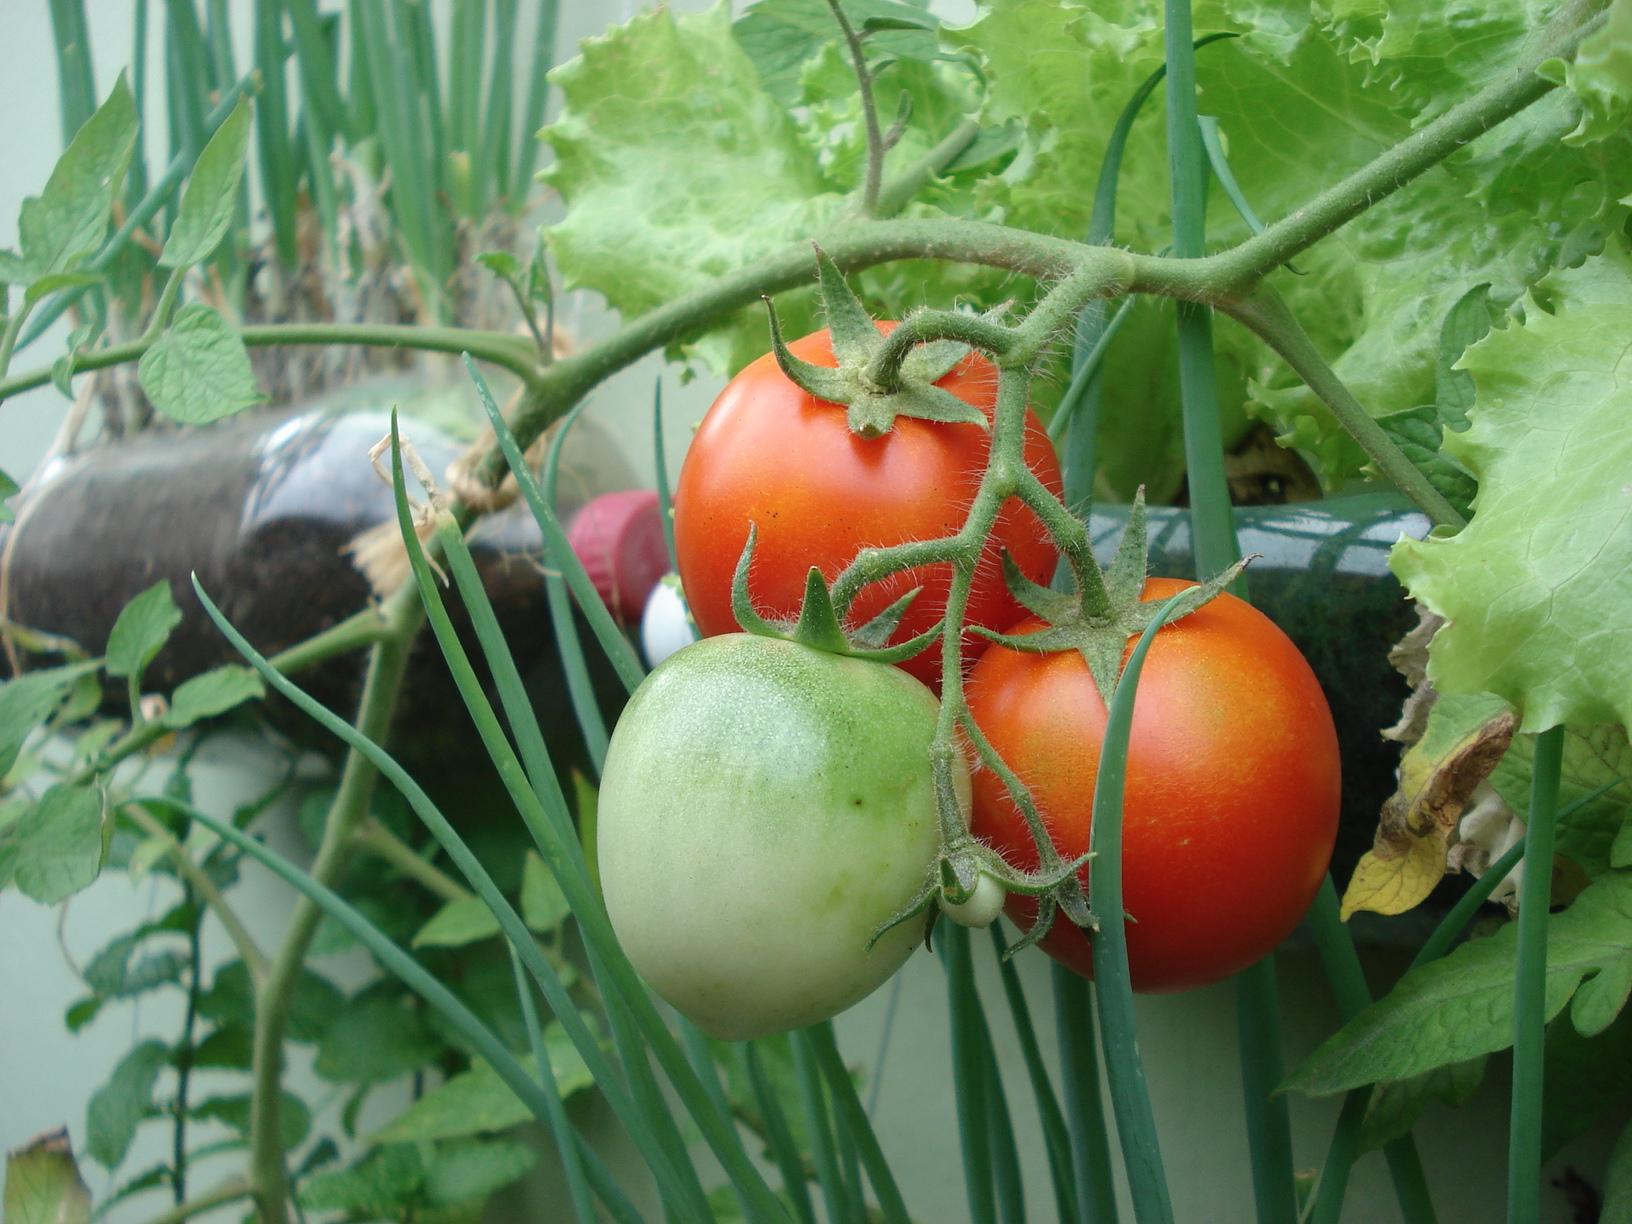 Suficiente O tomate está caro? Então plante em casa! | Plantando Vida DW01